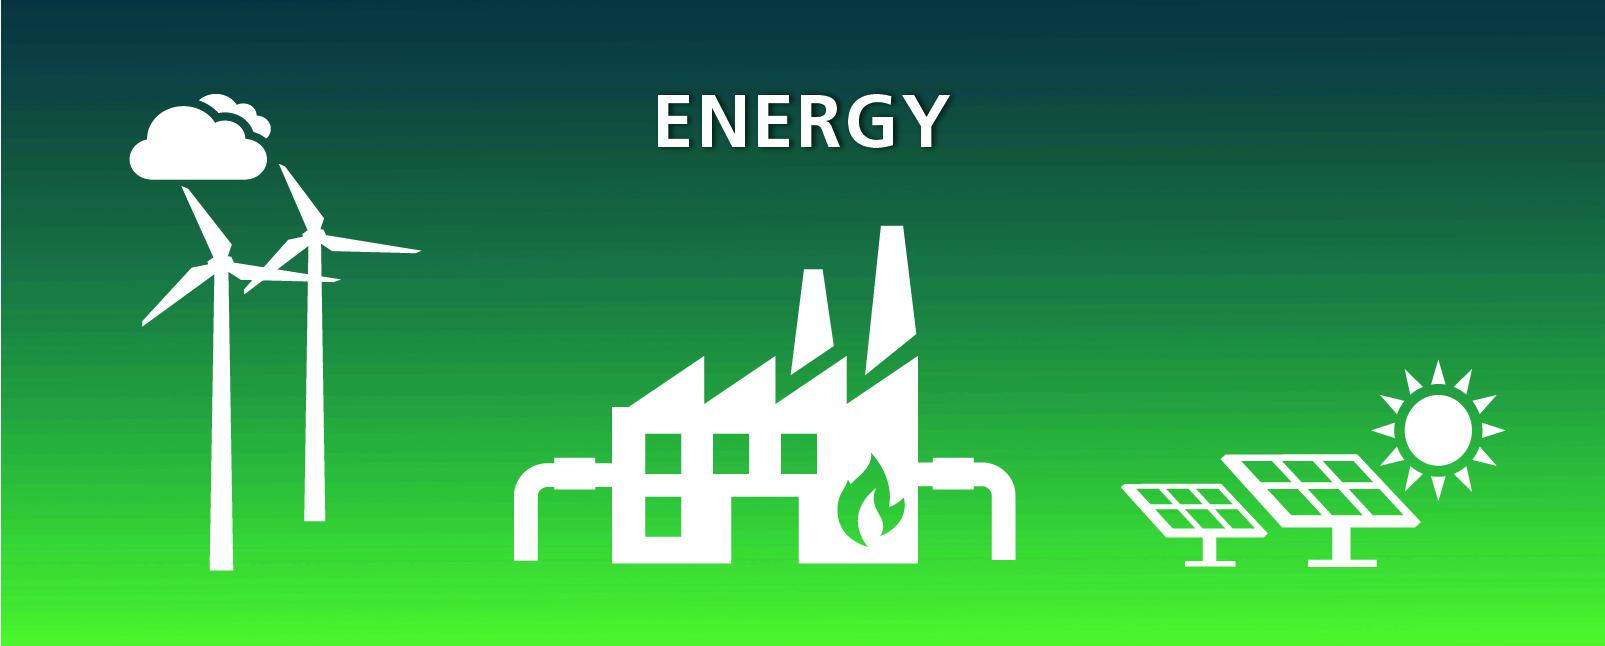 Burges Salmon - Net Zero - Decarbonised Energy